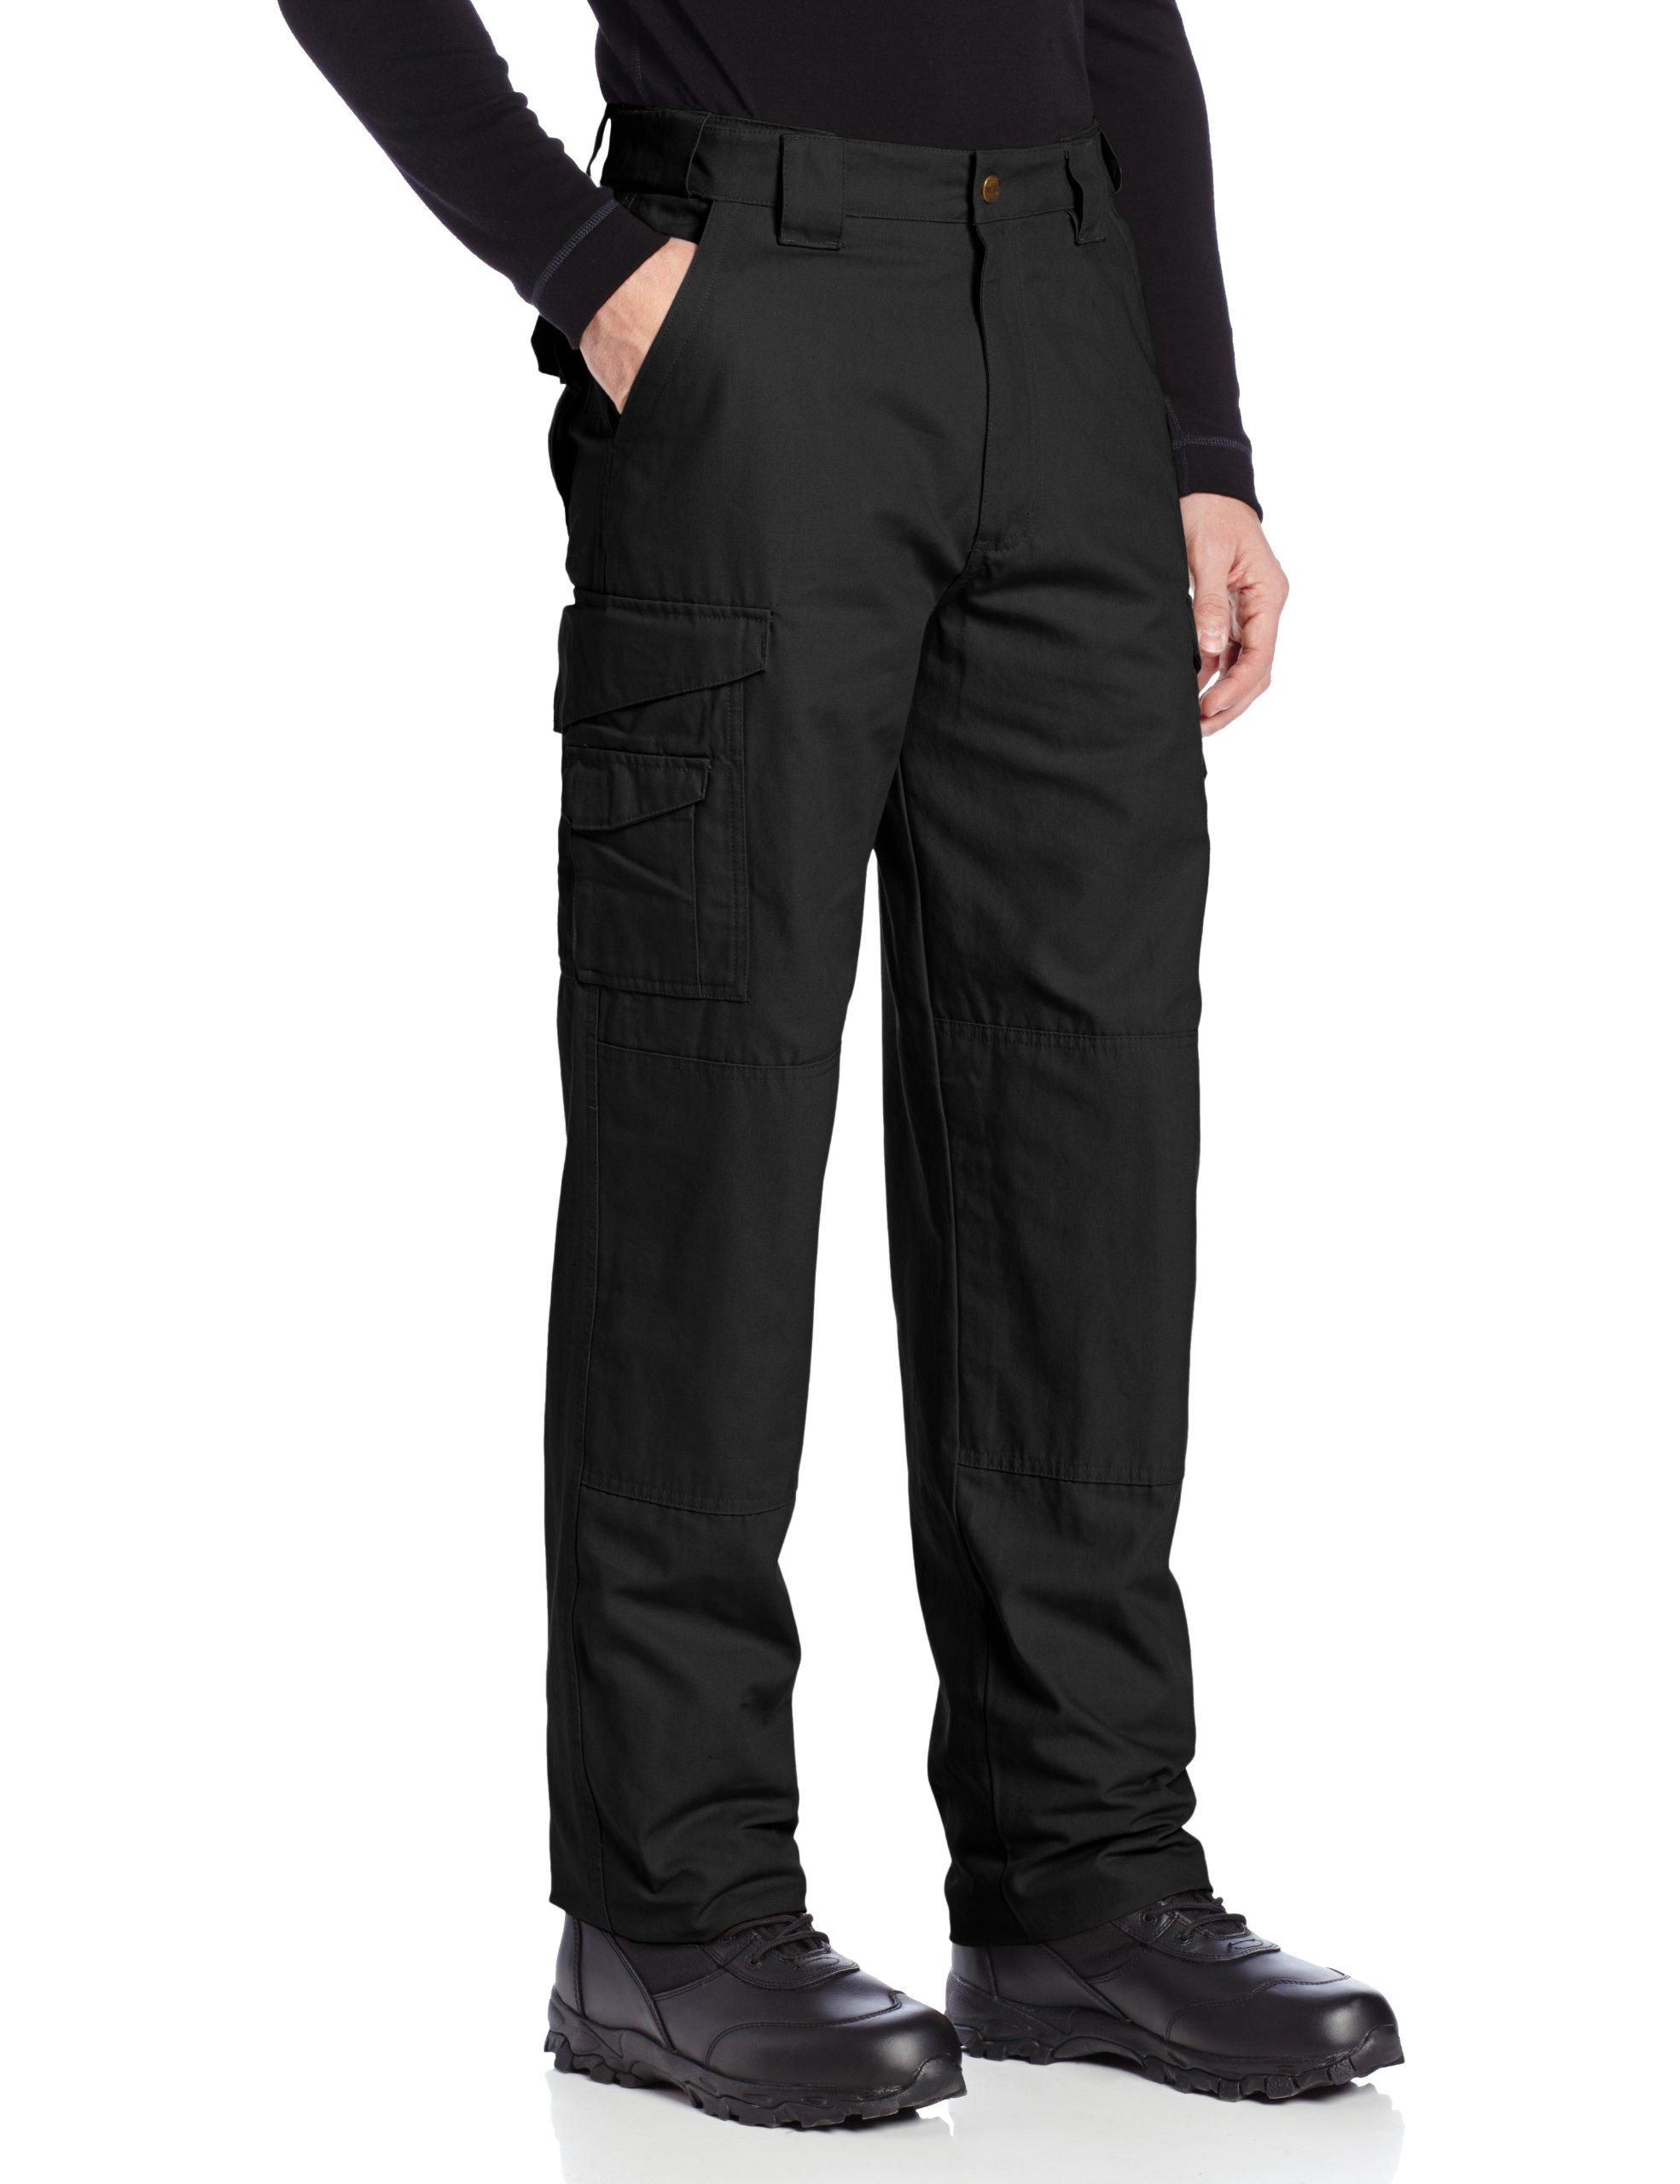 Tru-Spec Women's 24-7 Tactical Pants, Black, W: 22 Large: 34 by Tru-Spec